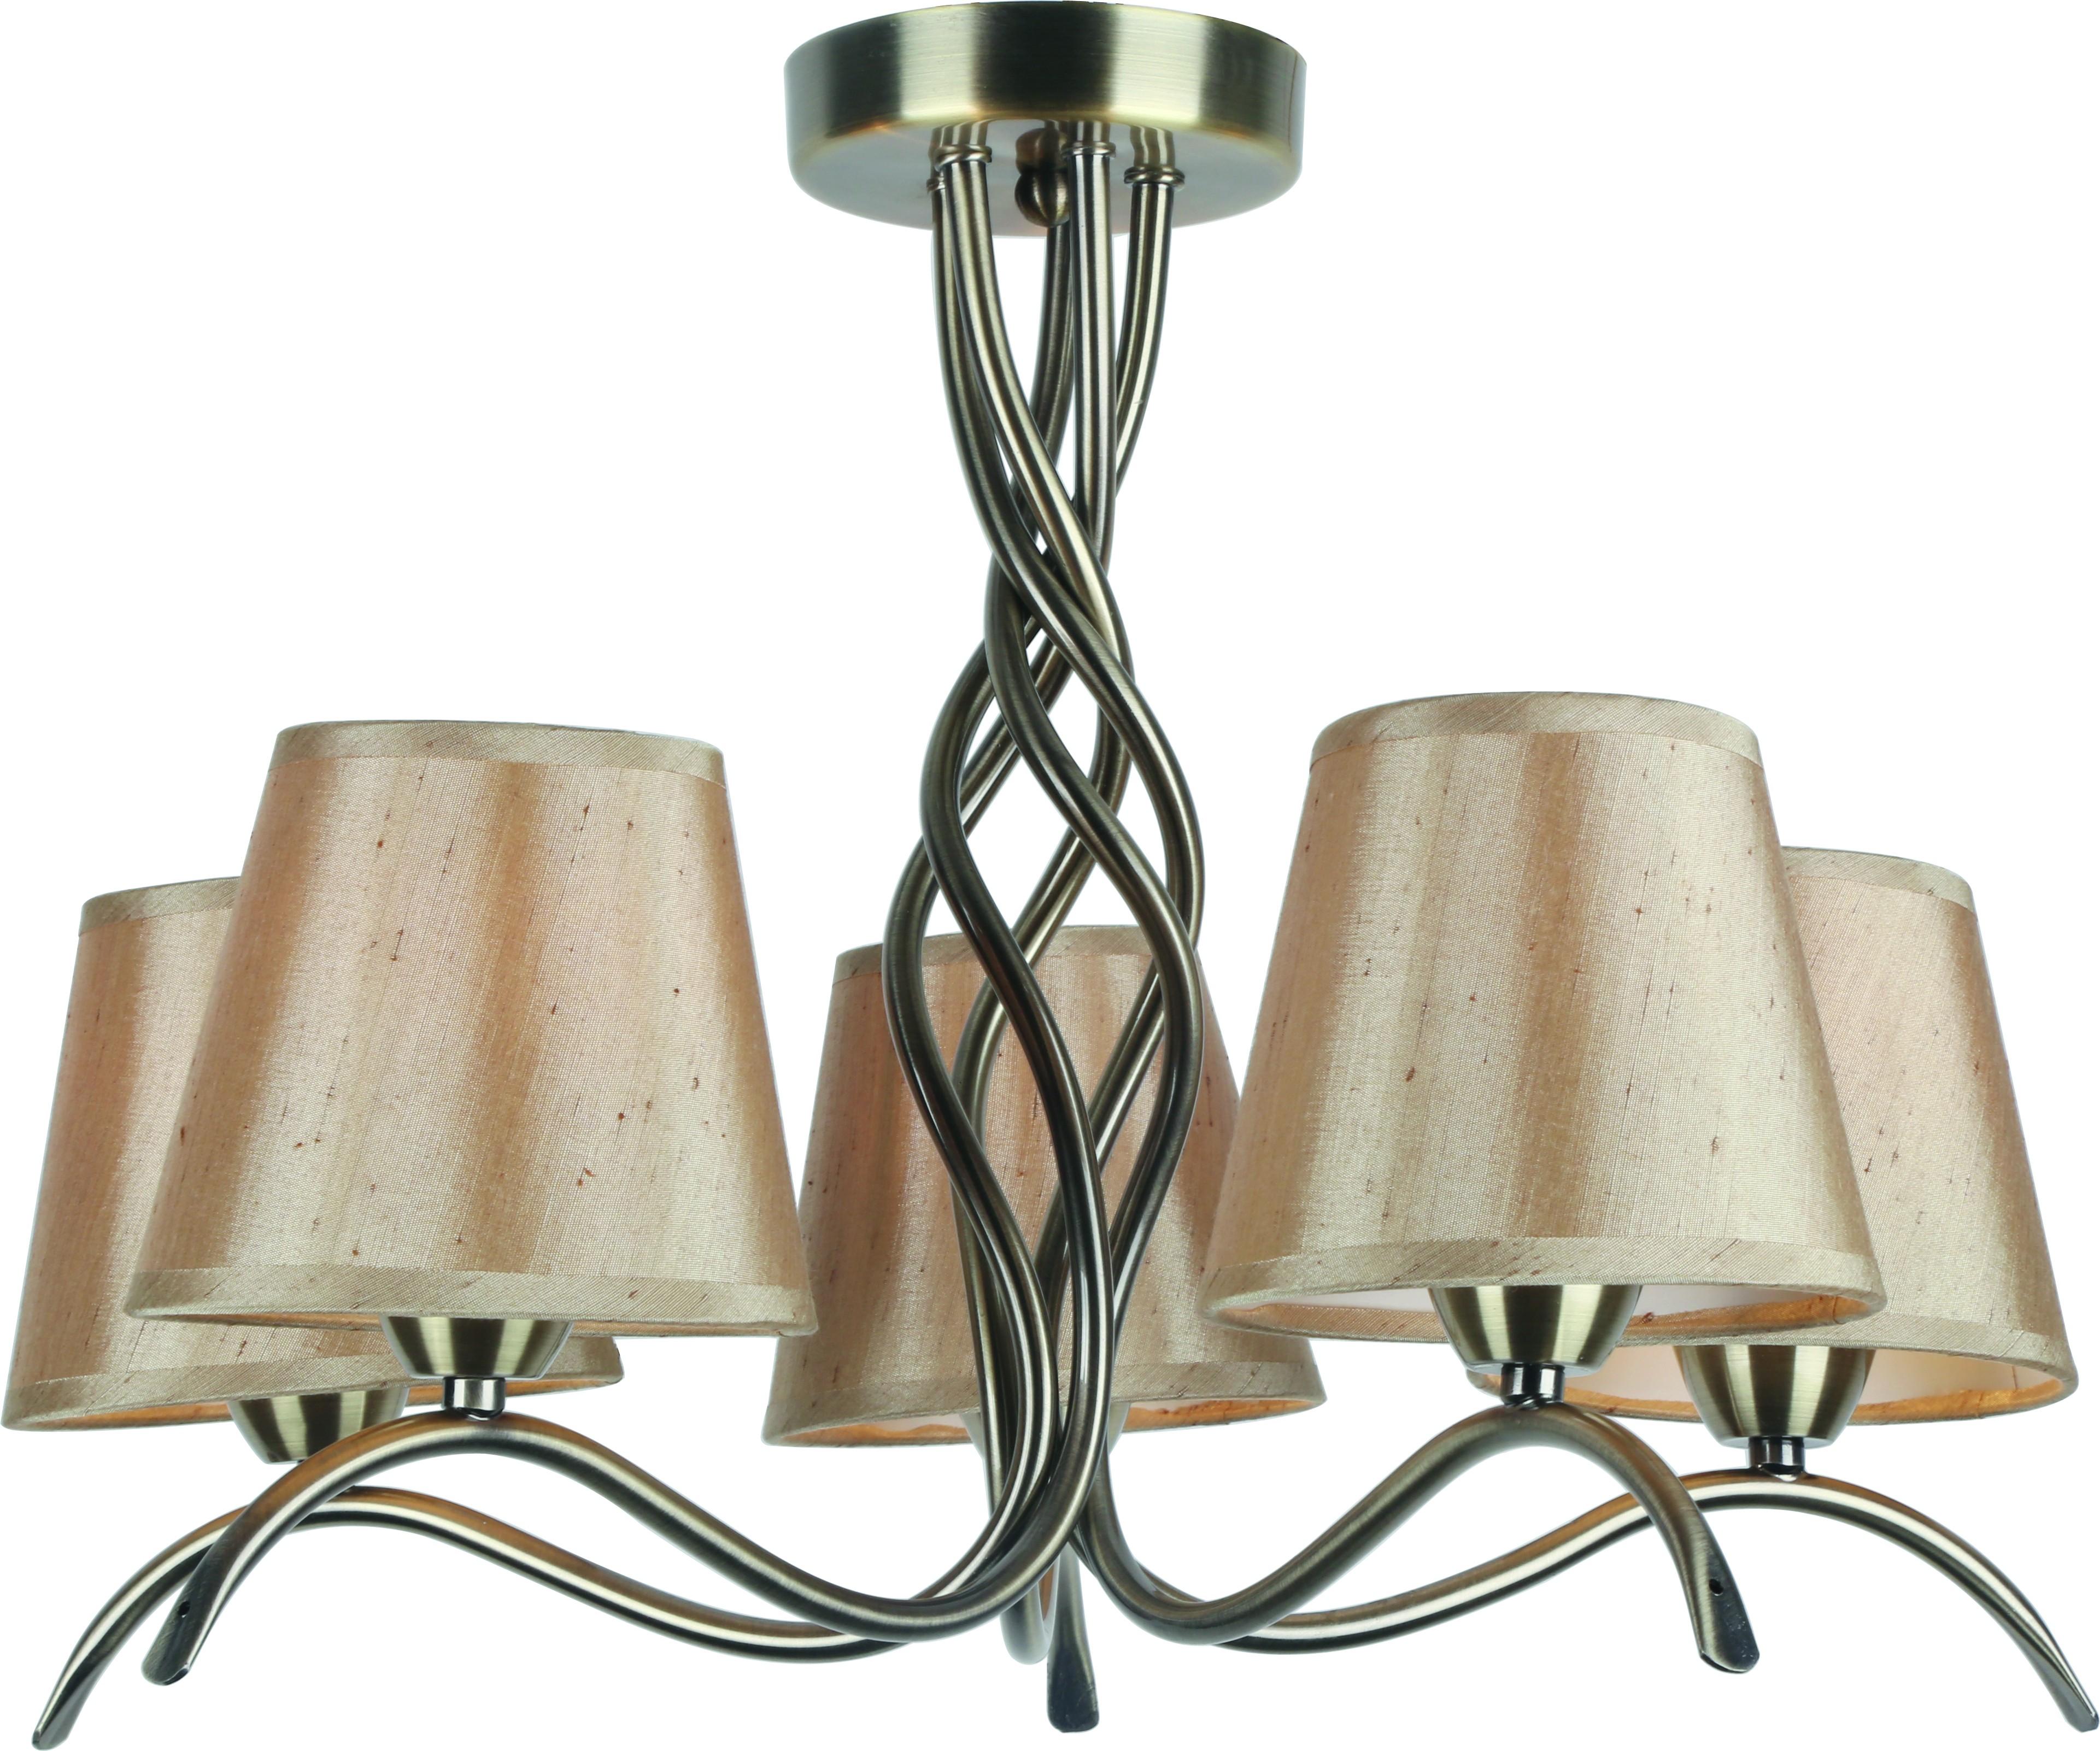 Люстра Arte lamp A6569pl-5ab люстра на штанге arte lamp glorioso a6569pl 5ab